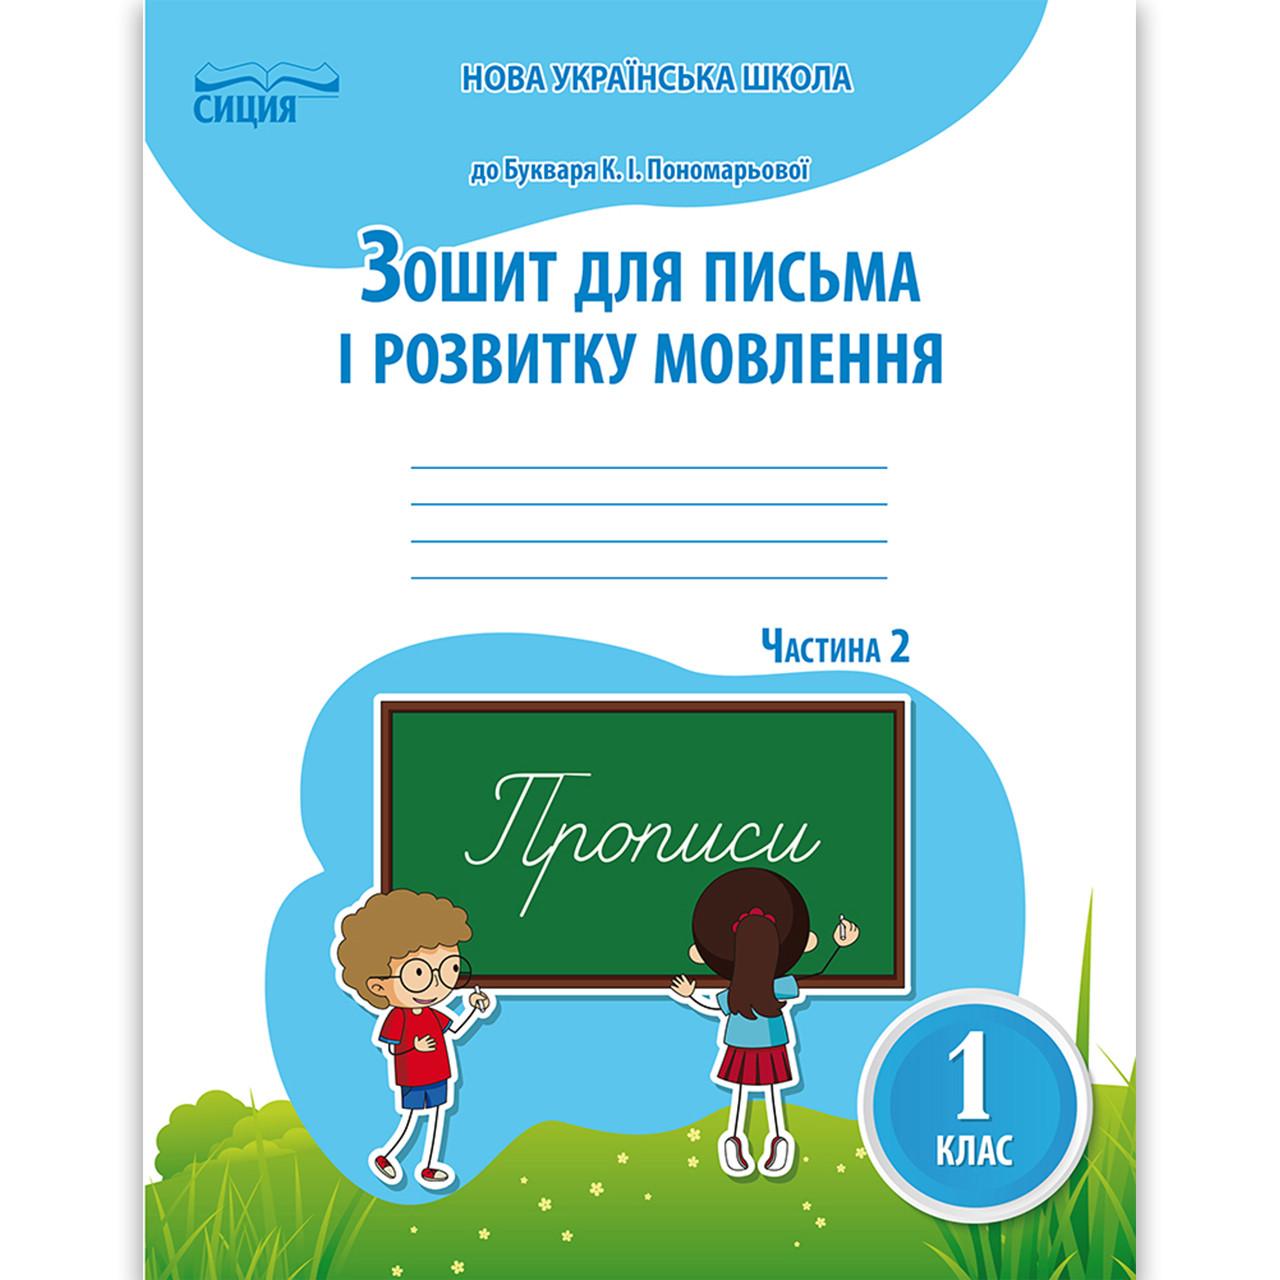 Зошит для письма і розвитку мовлення 1 клас Частина 2 До букваря Пономарьової К. Авт: Паладій Л. Вид: Сиция